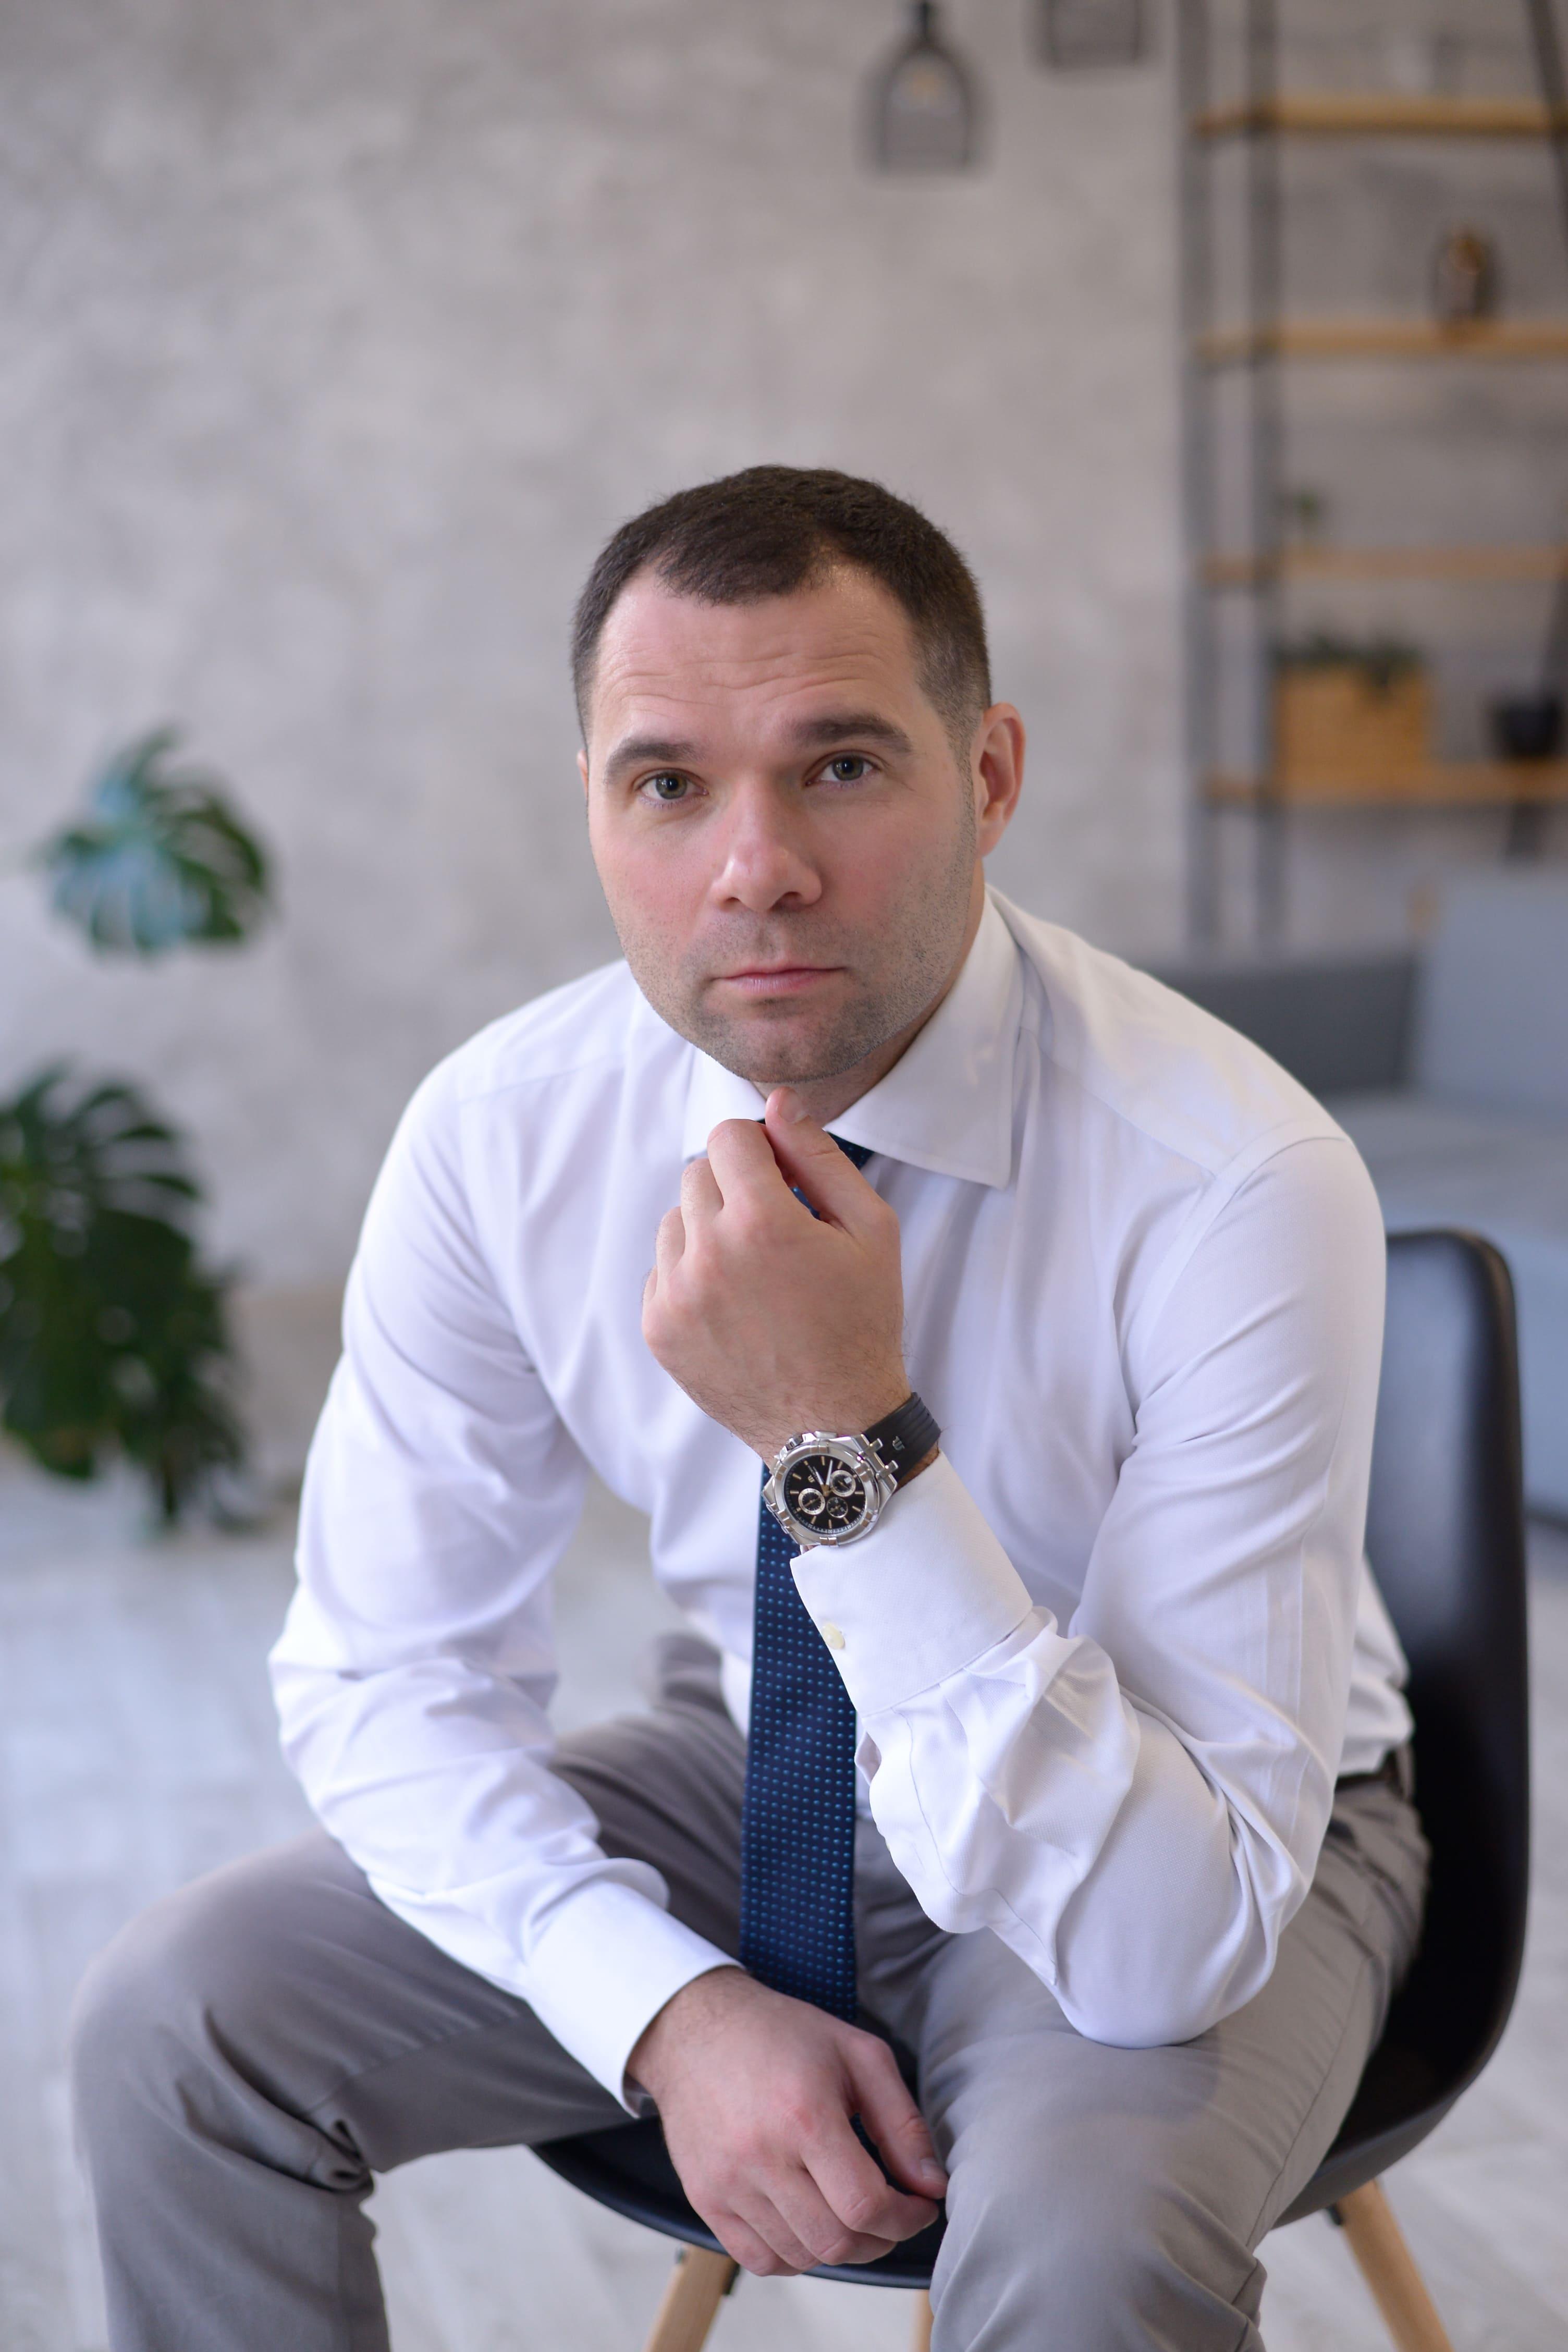 Усенко Антон Владимирович, адвокат, юрист в Запорожье по миграционным вопросам, автоадвокат  в Запорожье,юридические  услуги и консультации